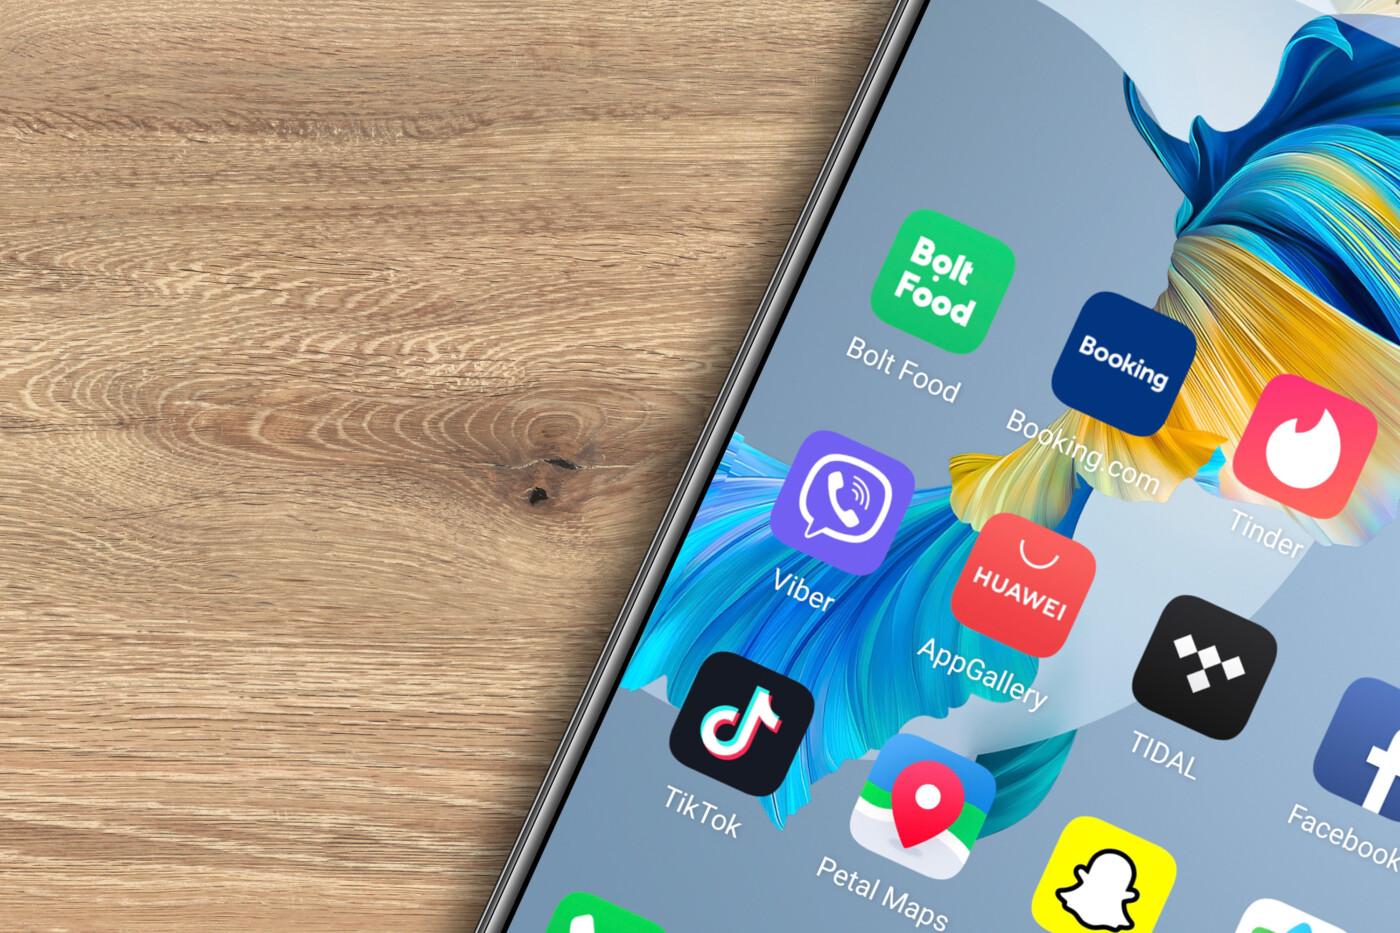 Huawei osnazio partnerstvo s Viberom nakon odlicnih rezultata u AppGallery trgovini 1